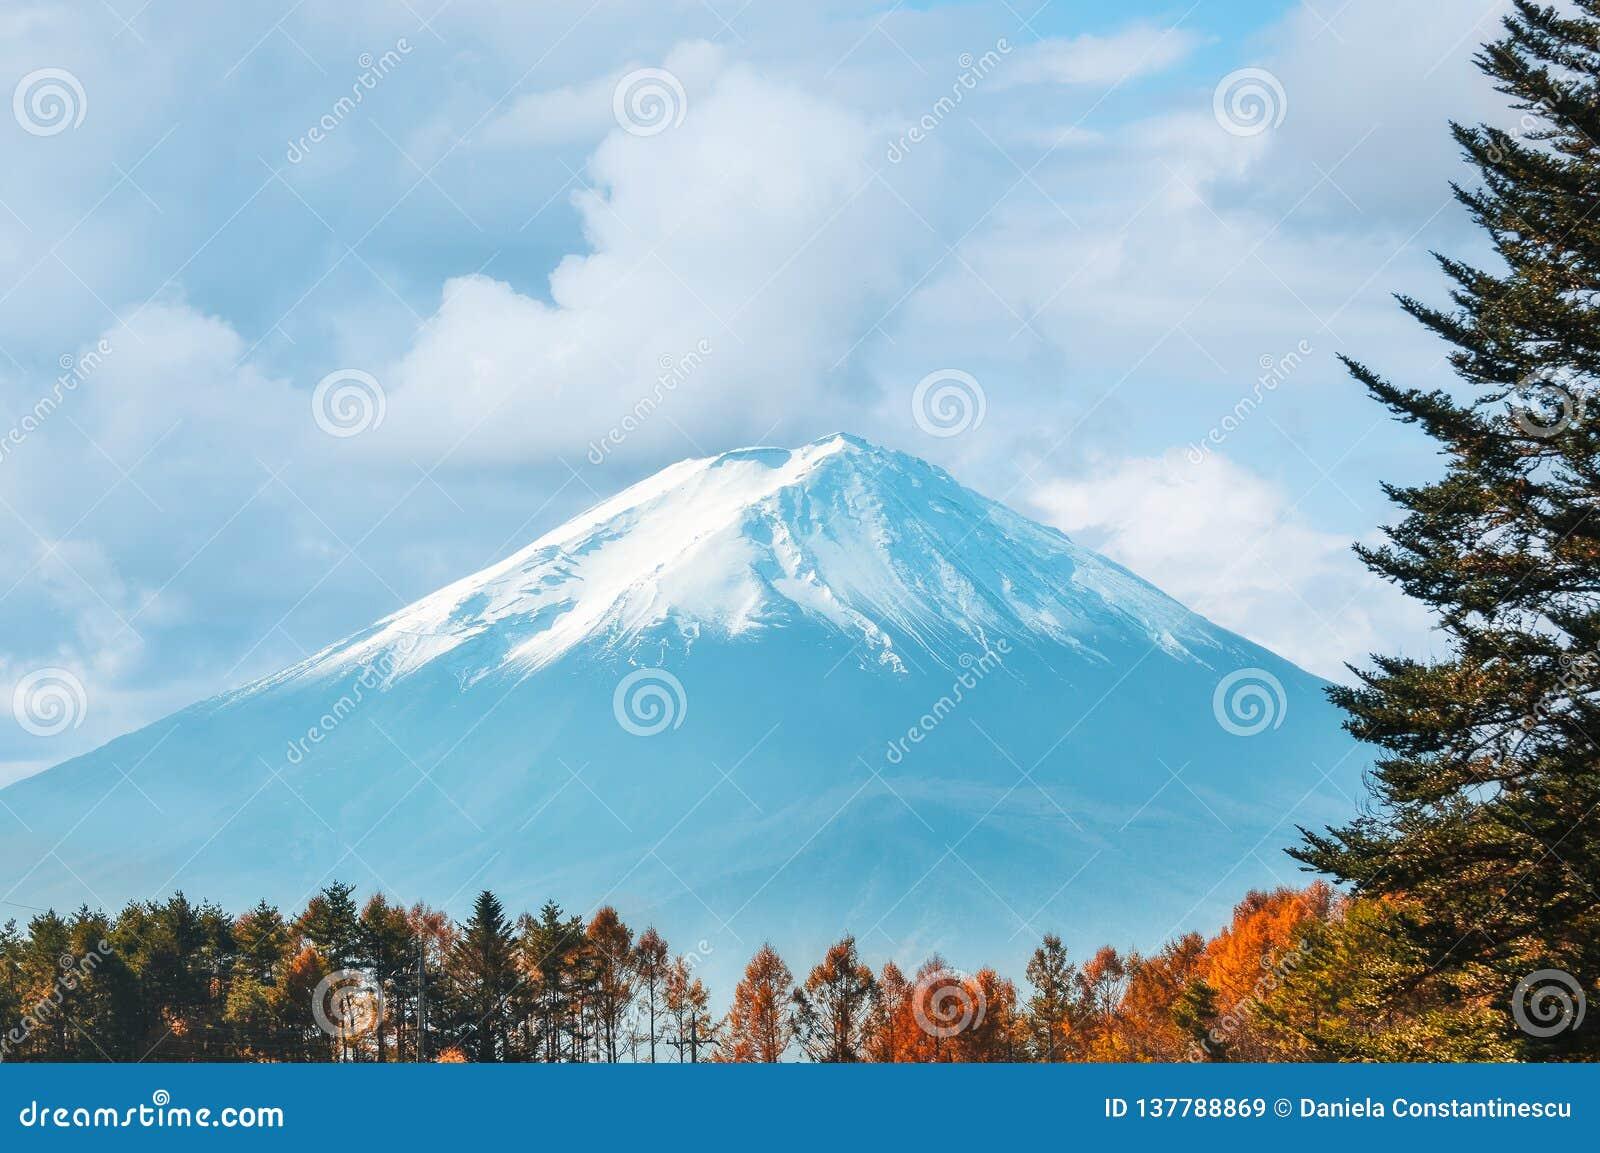 Opinión del monte Fuji con el casquillo de la nieve y los árboles forestales legendarios en el primero plano